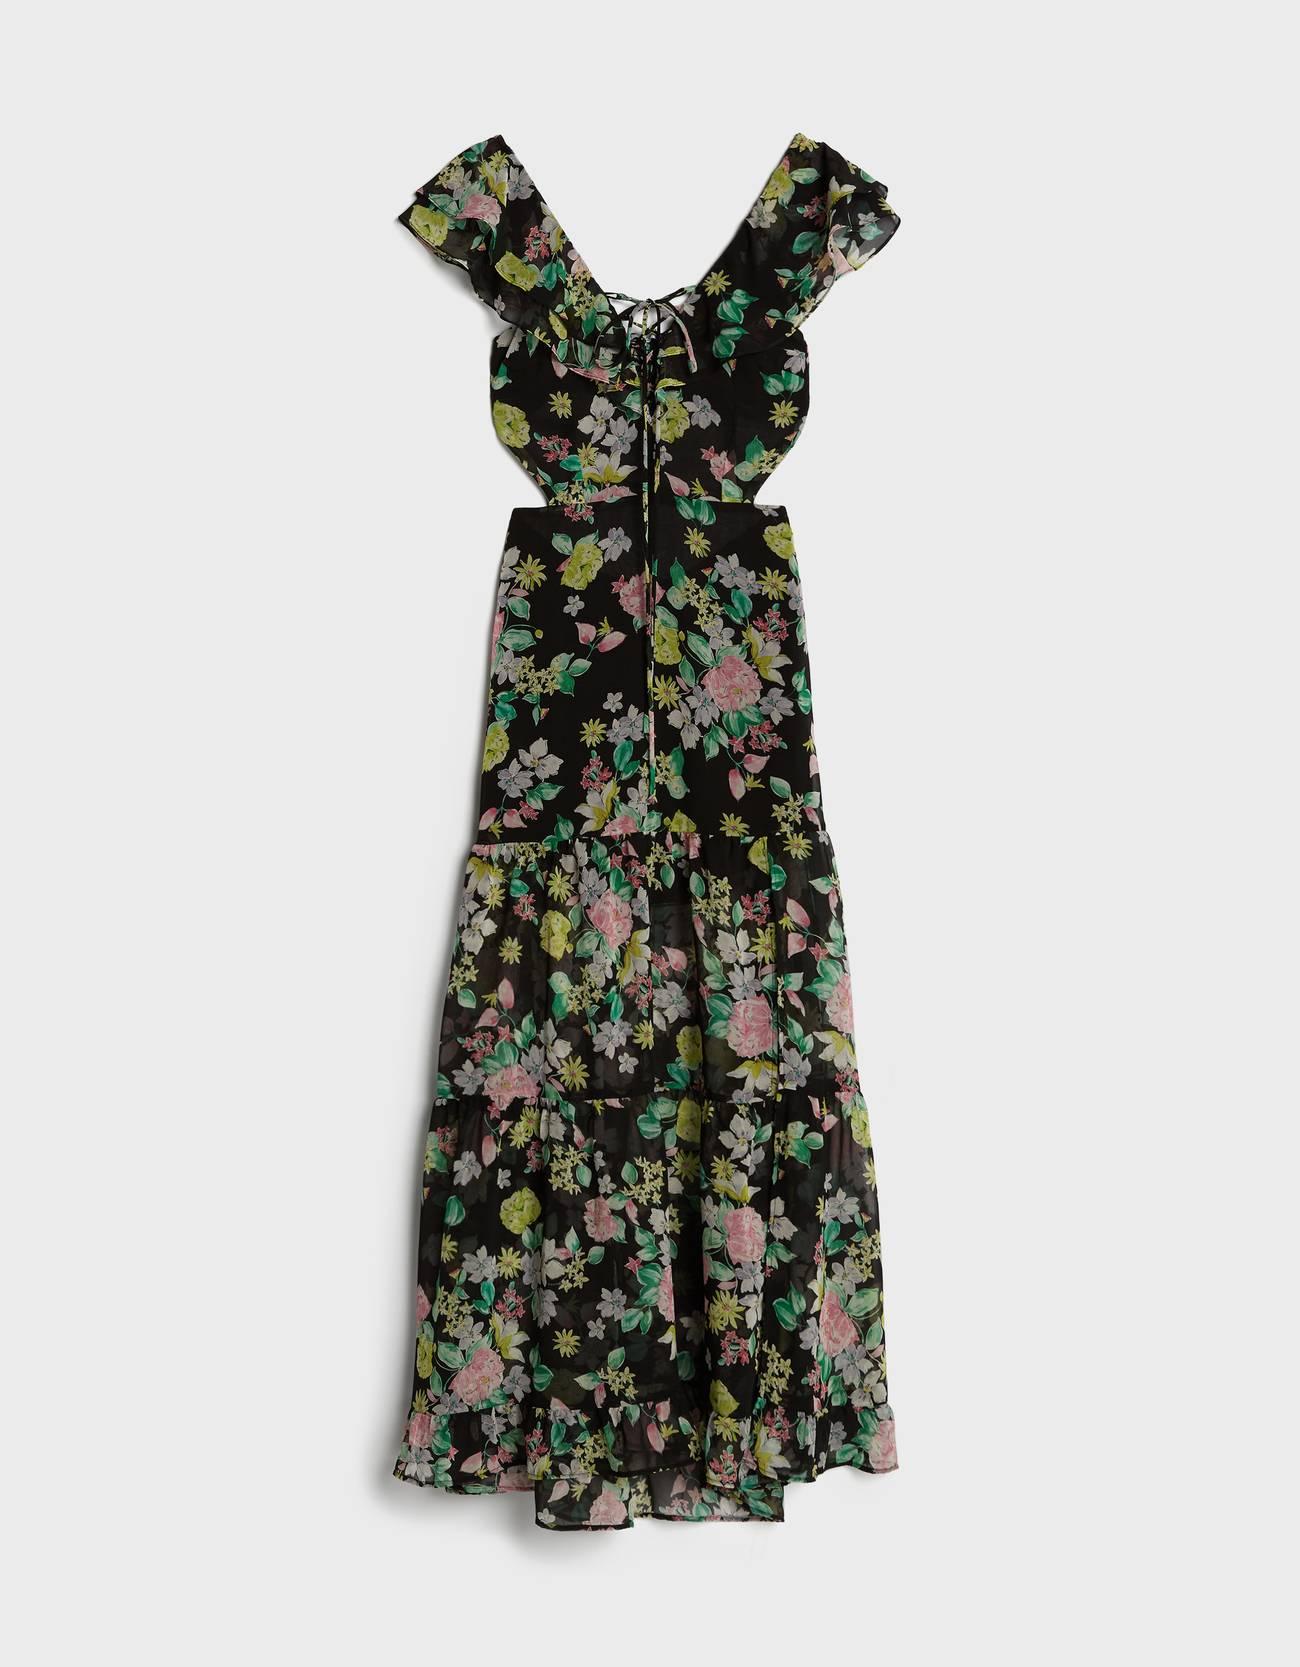 Vestido con print floral y espalda cut out